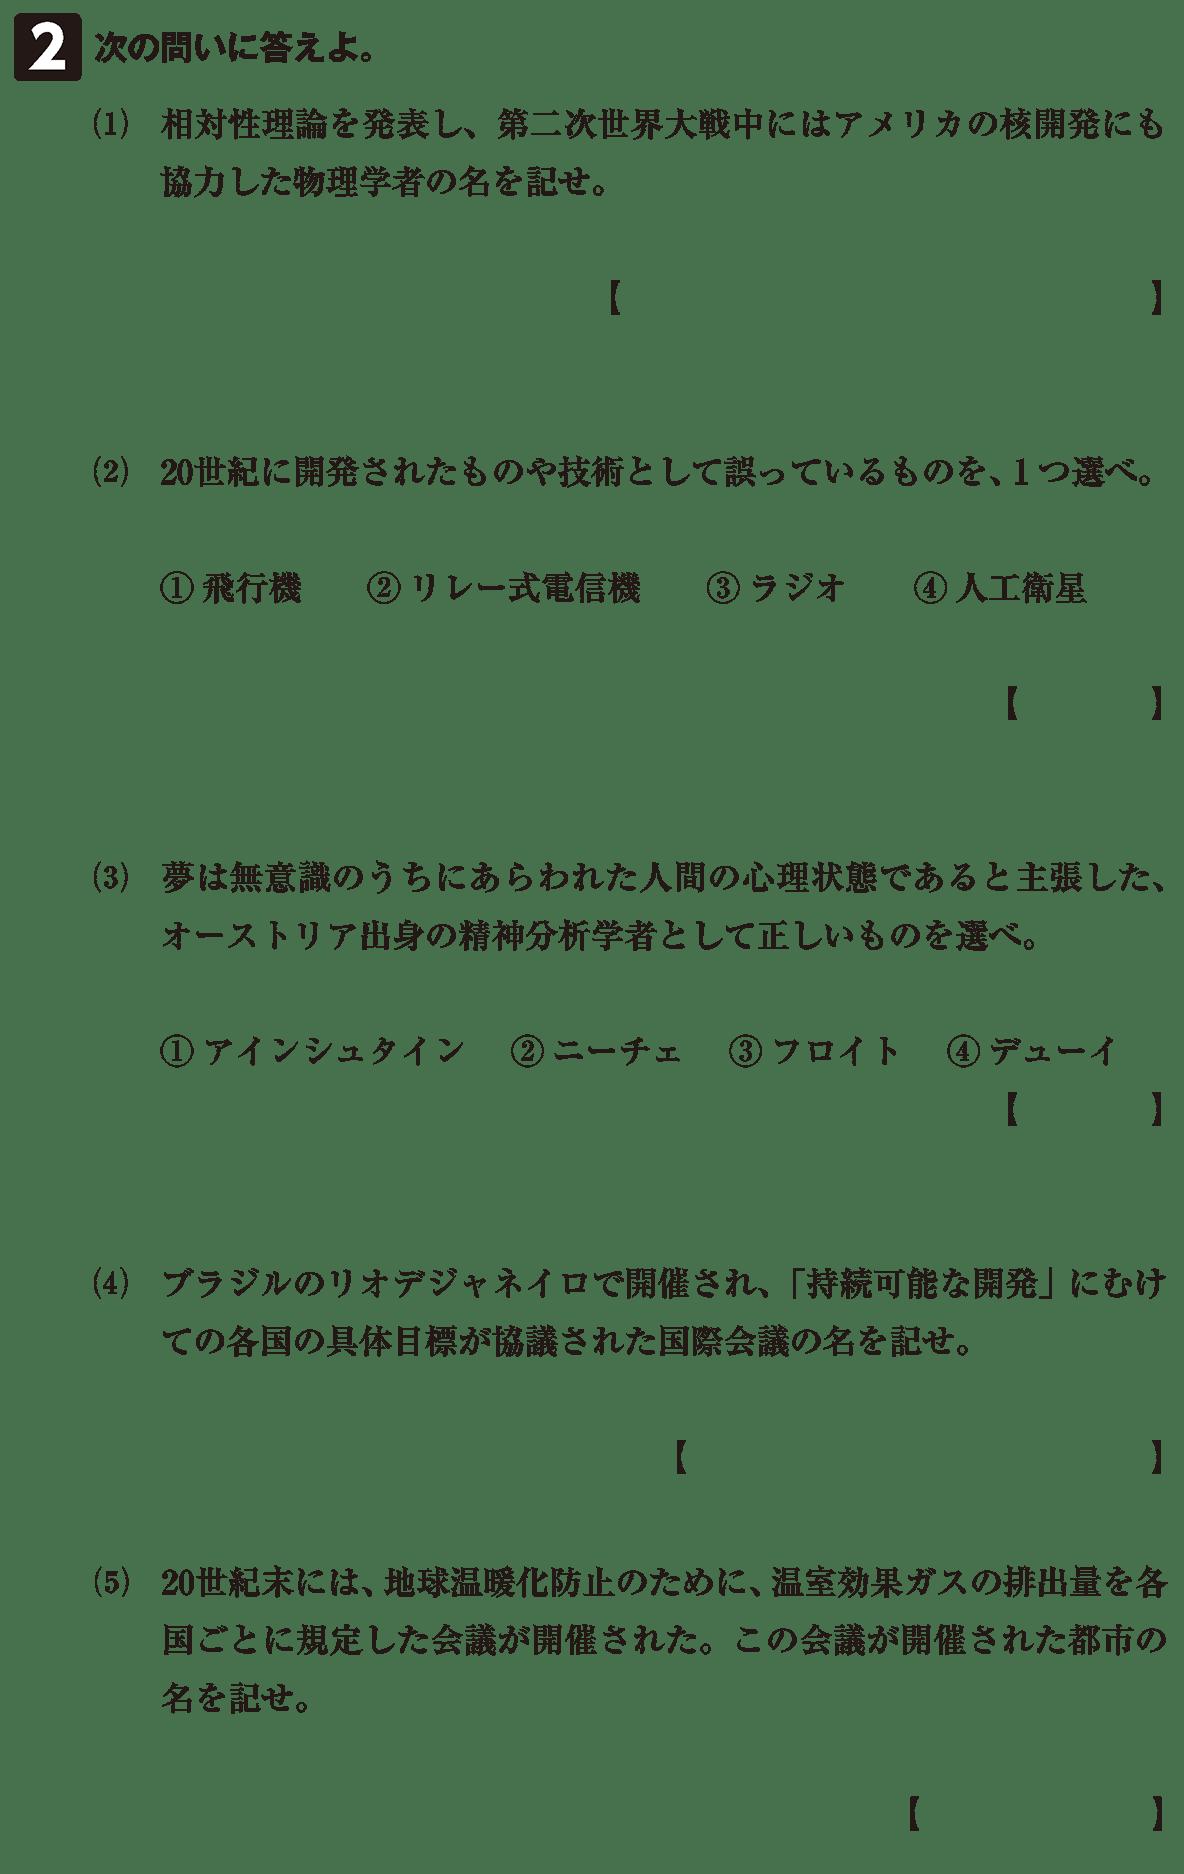 現代文明と各地の紛争6 確認テスト(後半)